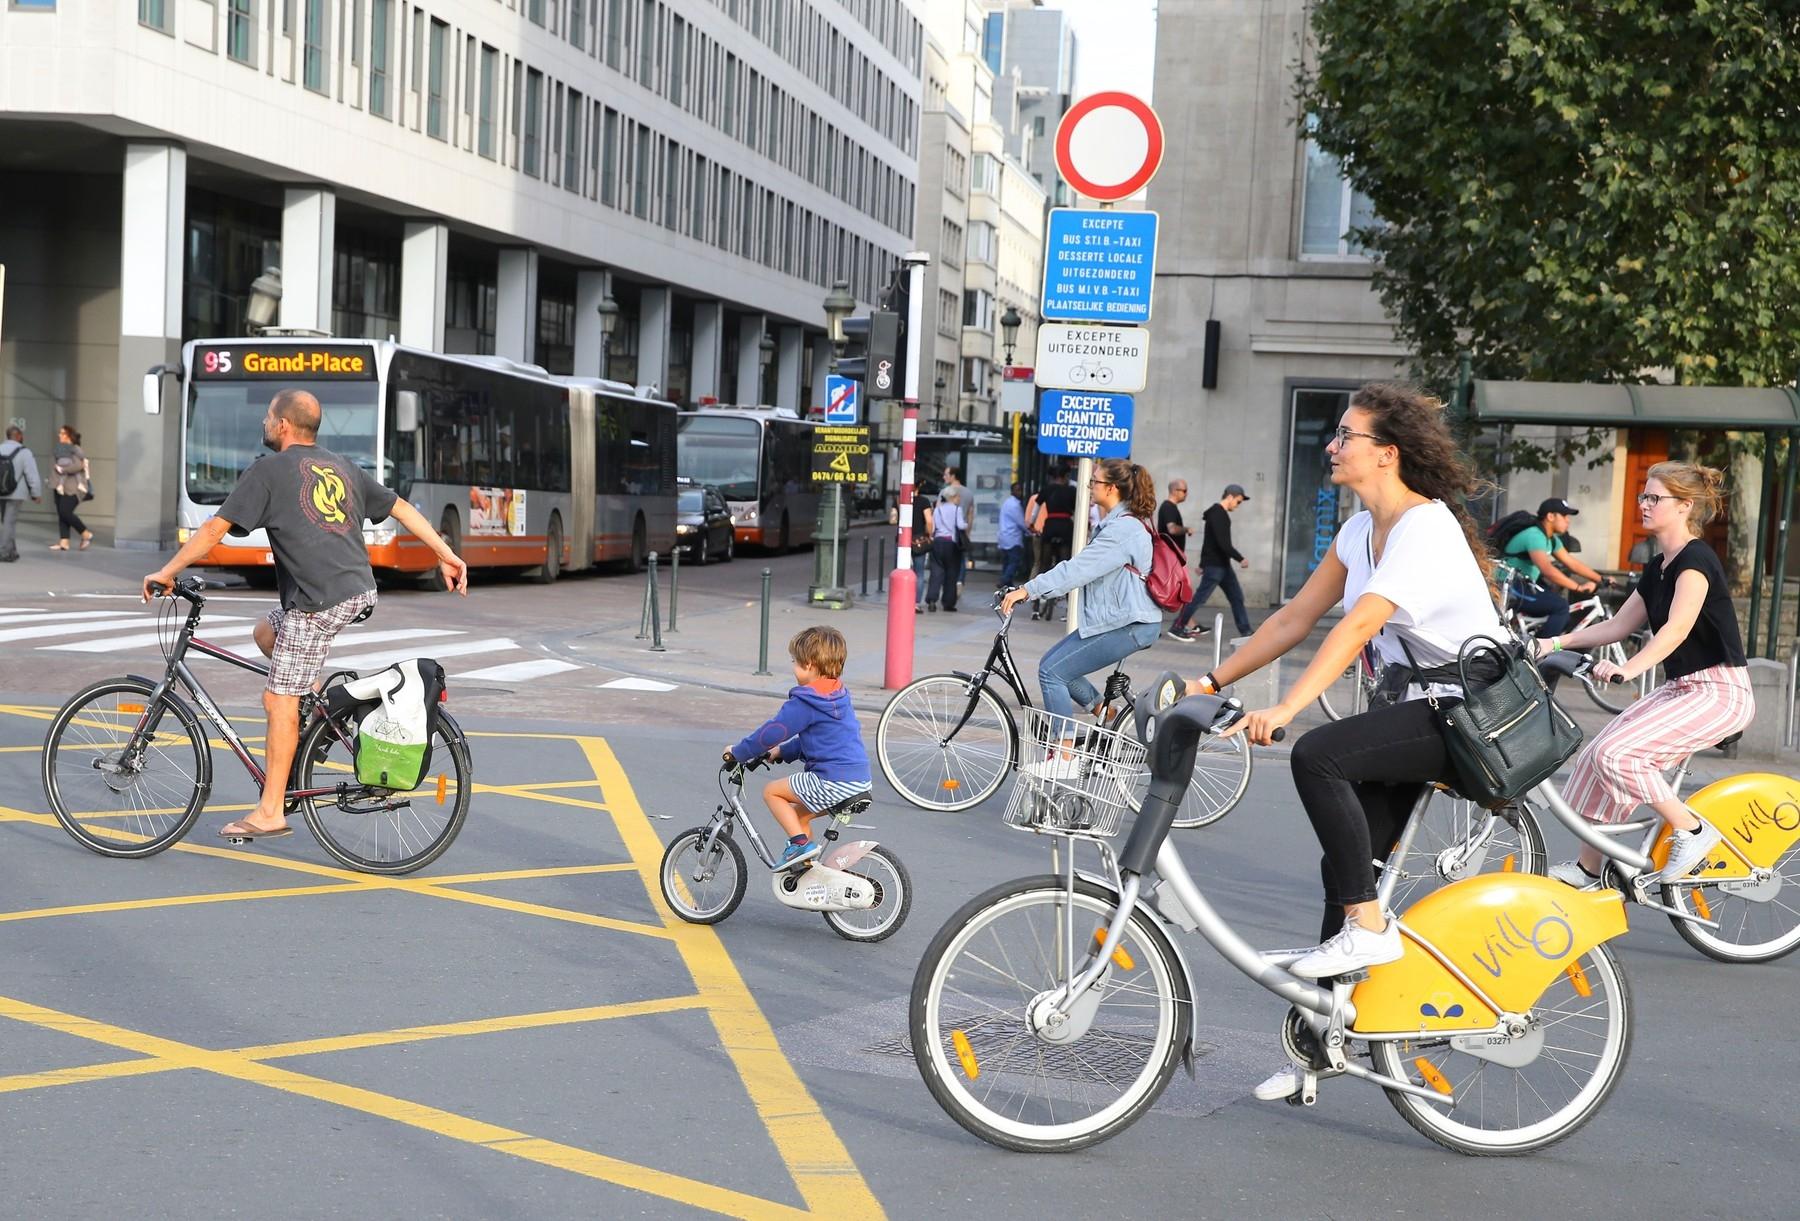 Zelená cyklistika? Mnohá města pravidelně organizují den bez automobilů, kdy můžete ulice křižovat jen v sedle kola.